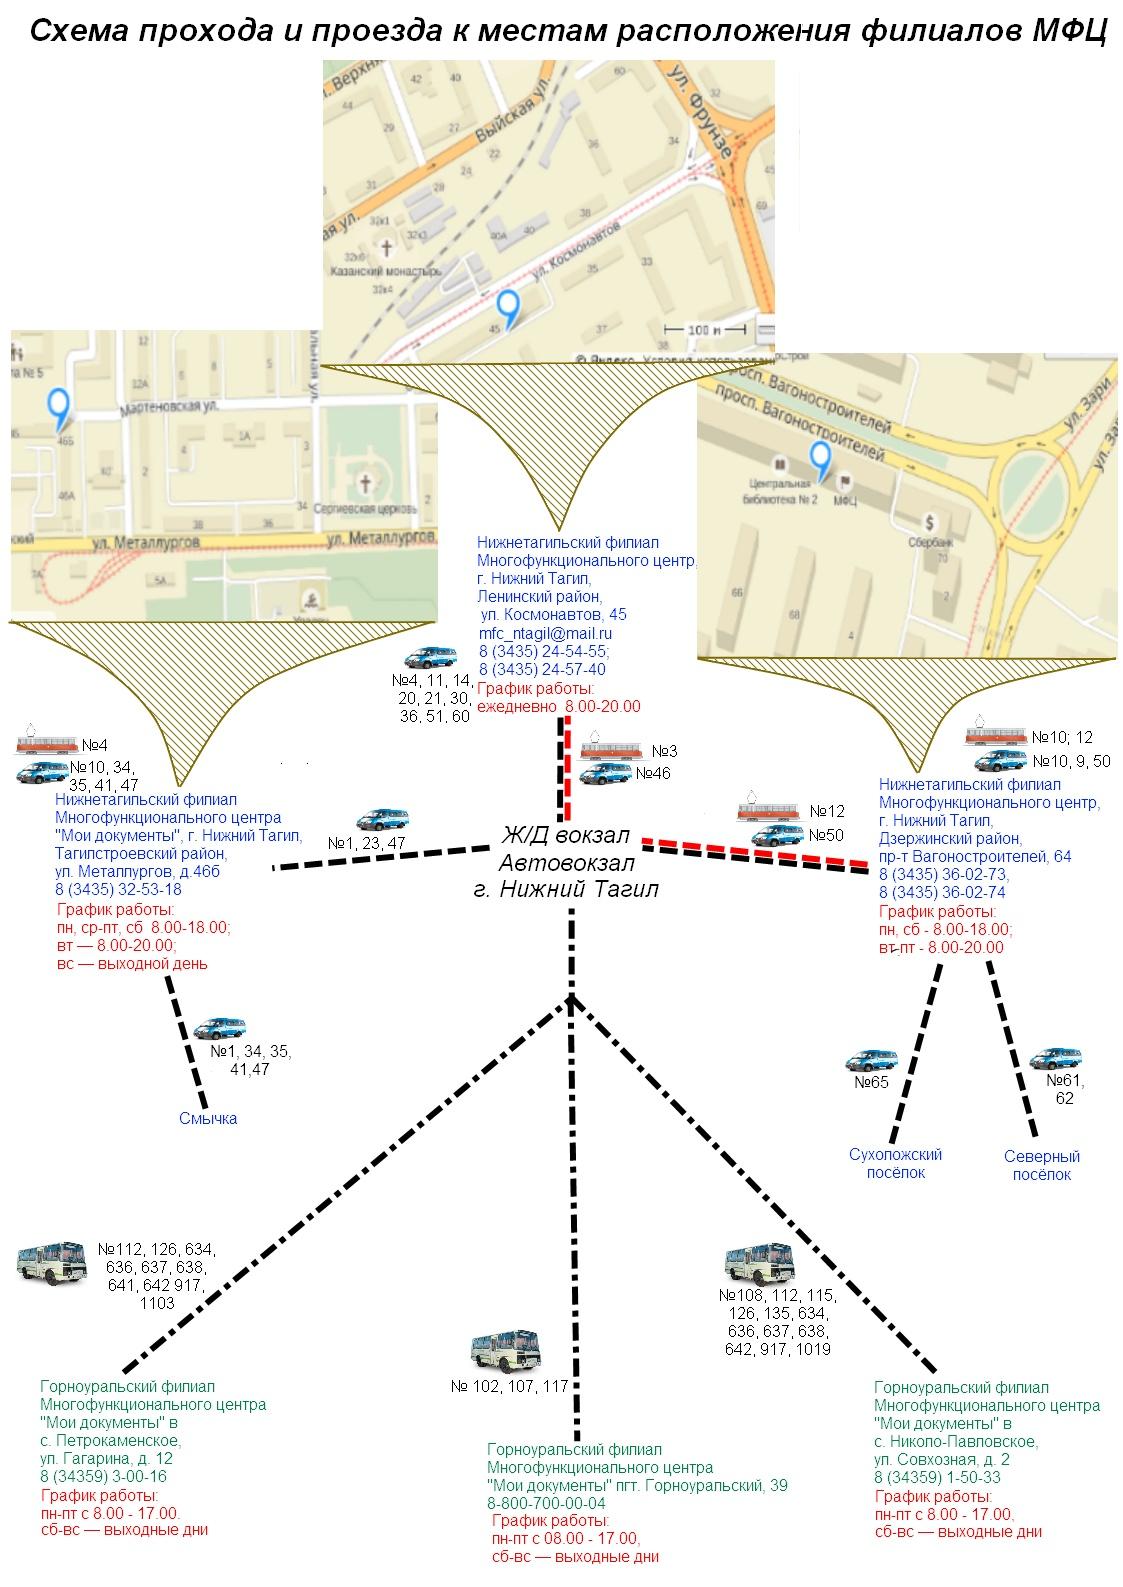 Схема смоленского вокзала